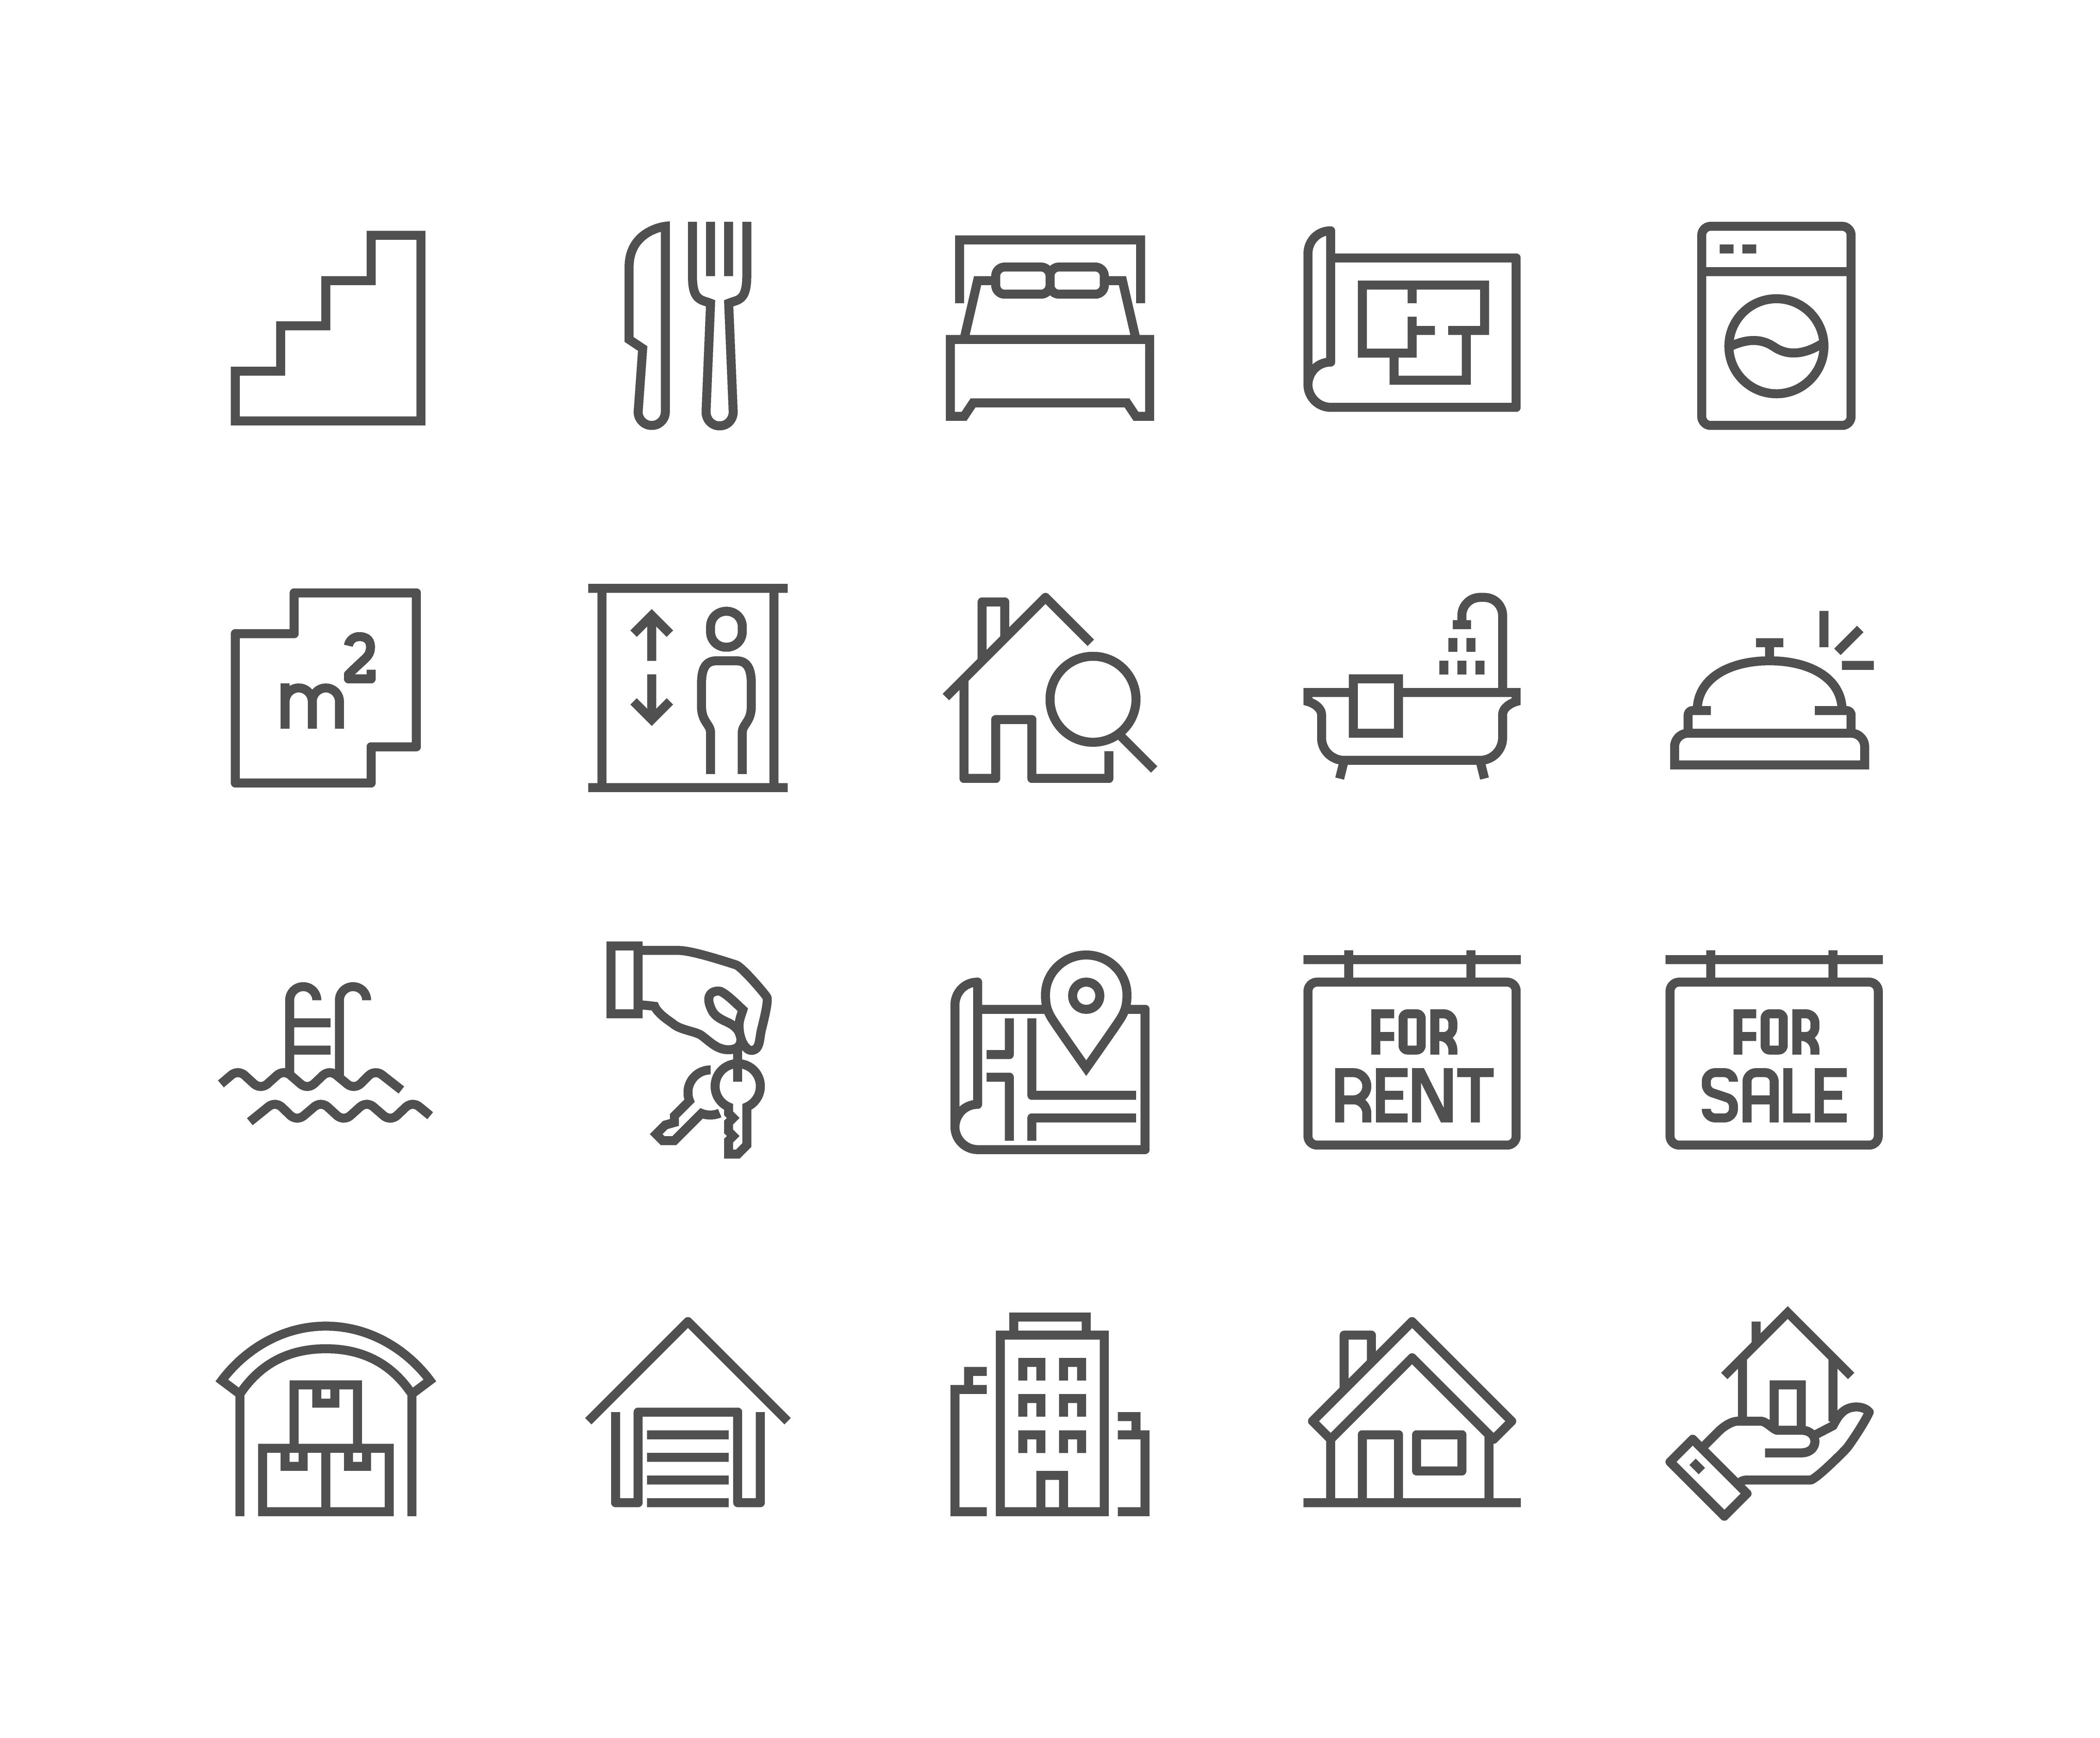 meine bank vor ort meine bank vor ort welcher. Black Bedroom Furniture Sets. Home Design Ideas